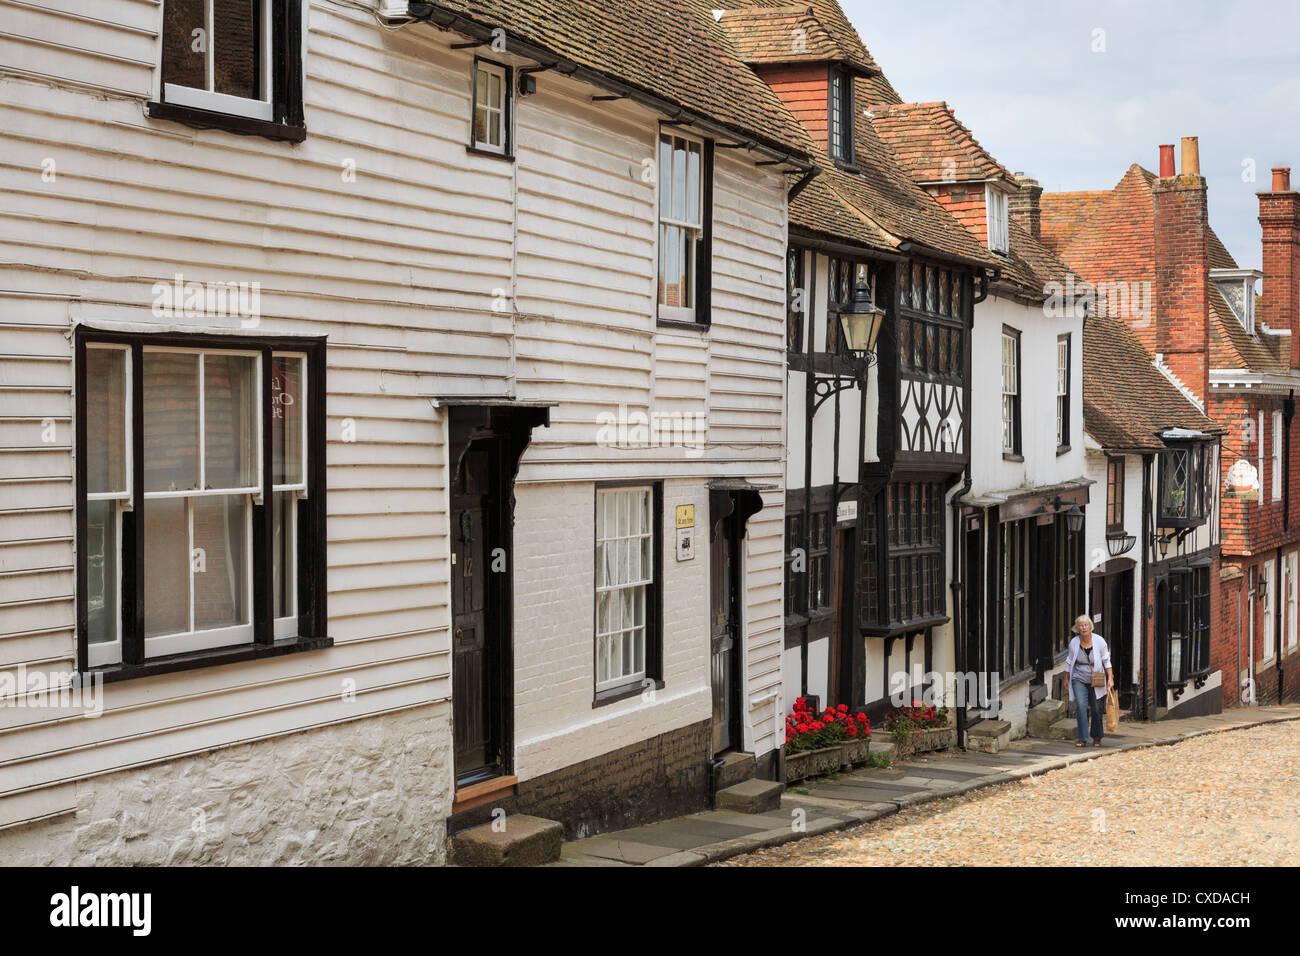 Rue Pavée avec clin blanc et de bâtiments à colombages dans la ville médiévale de Rye, Photo Stock